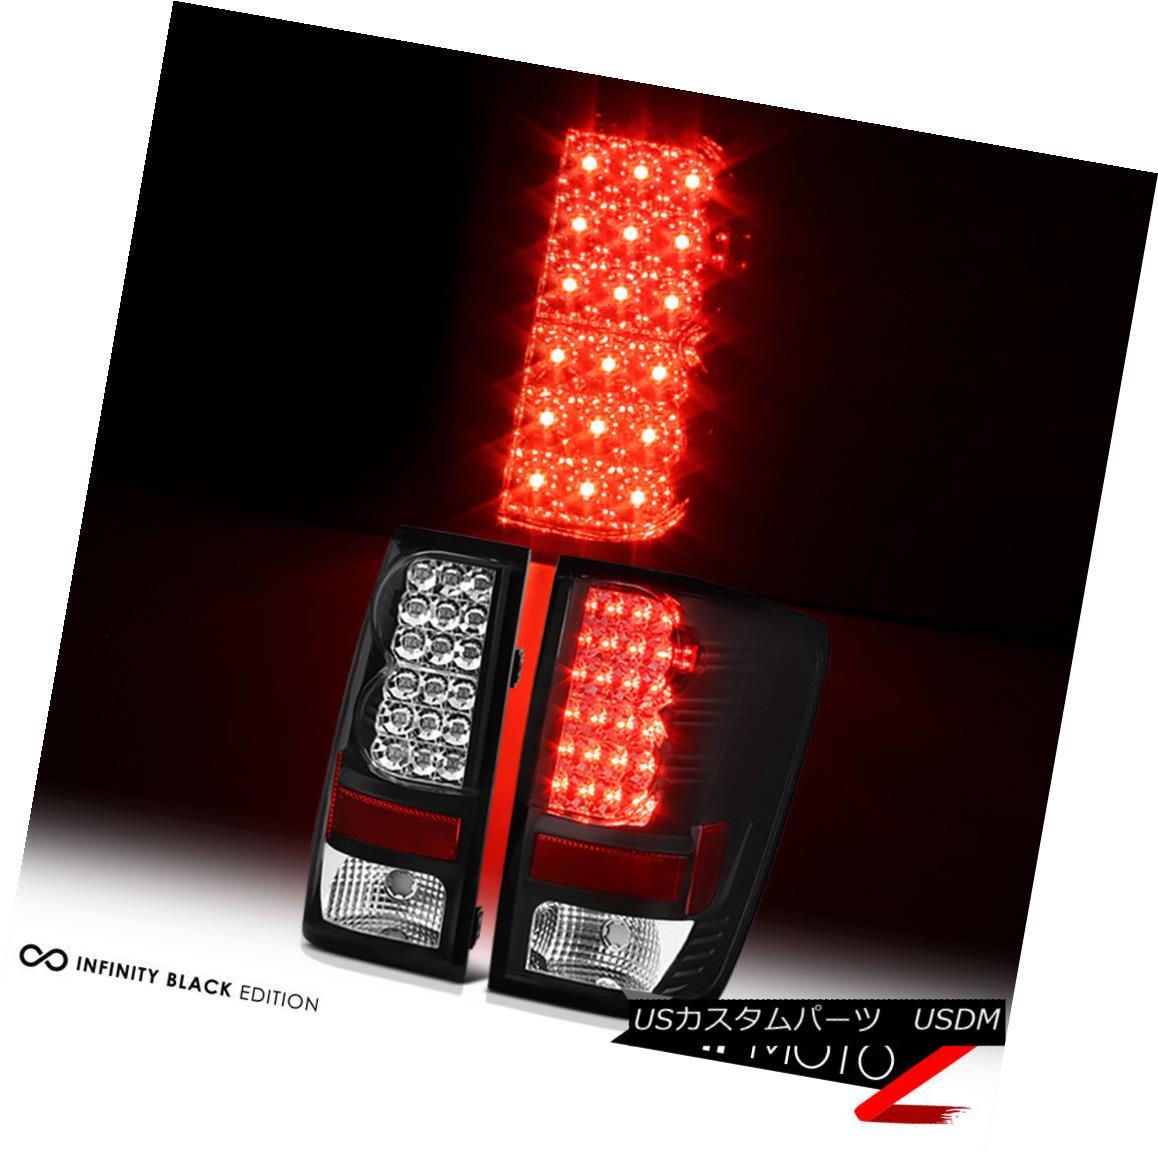 テールライト For 2004-2013 Titan Pickup Truck New Black Left+Right LED Tail Light Lamps 2004年から2013年のタイタンピックアップトラックのために新しい黒の左+右LEDテールライトランプ